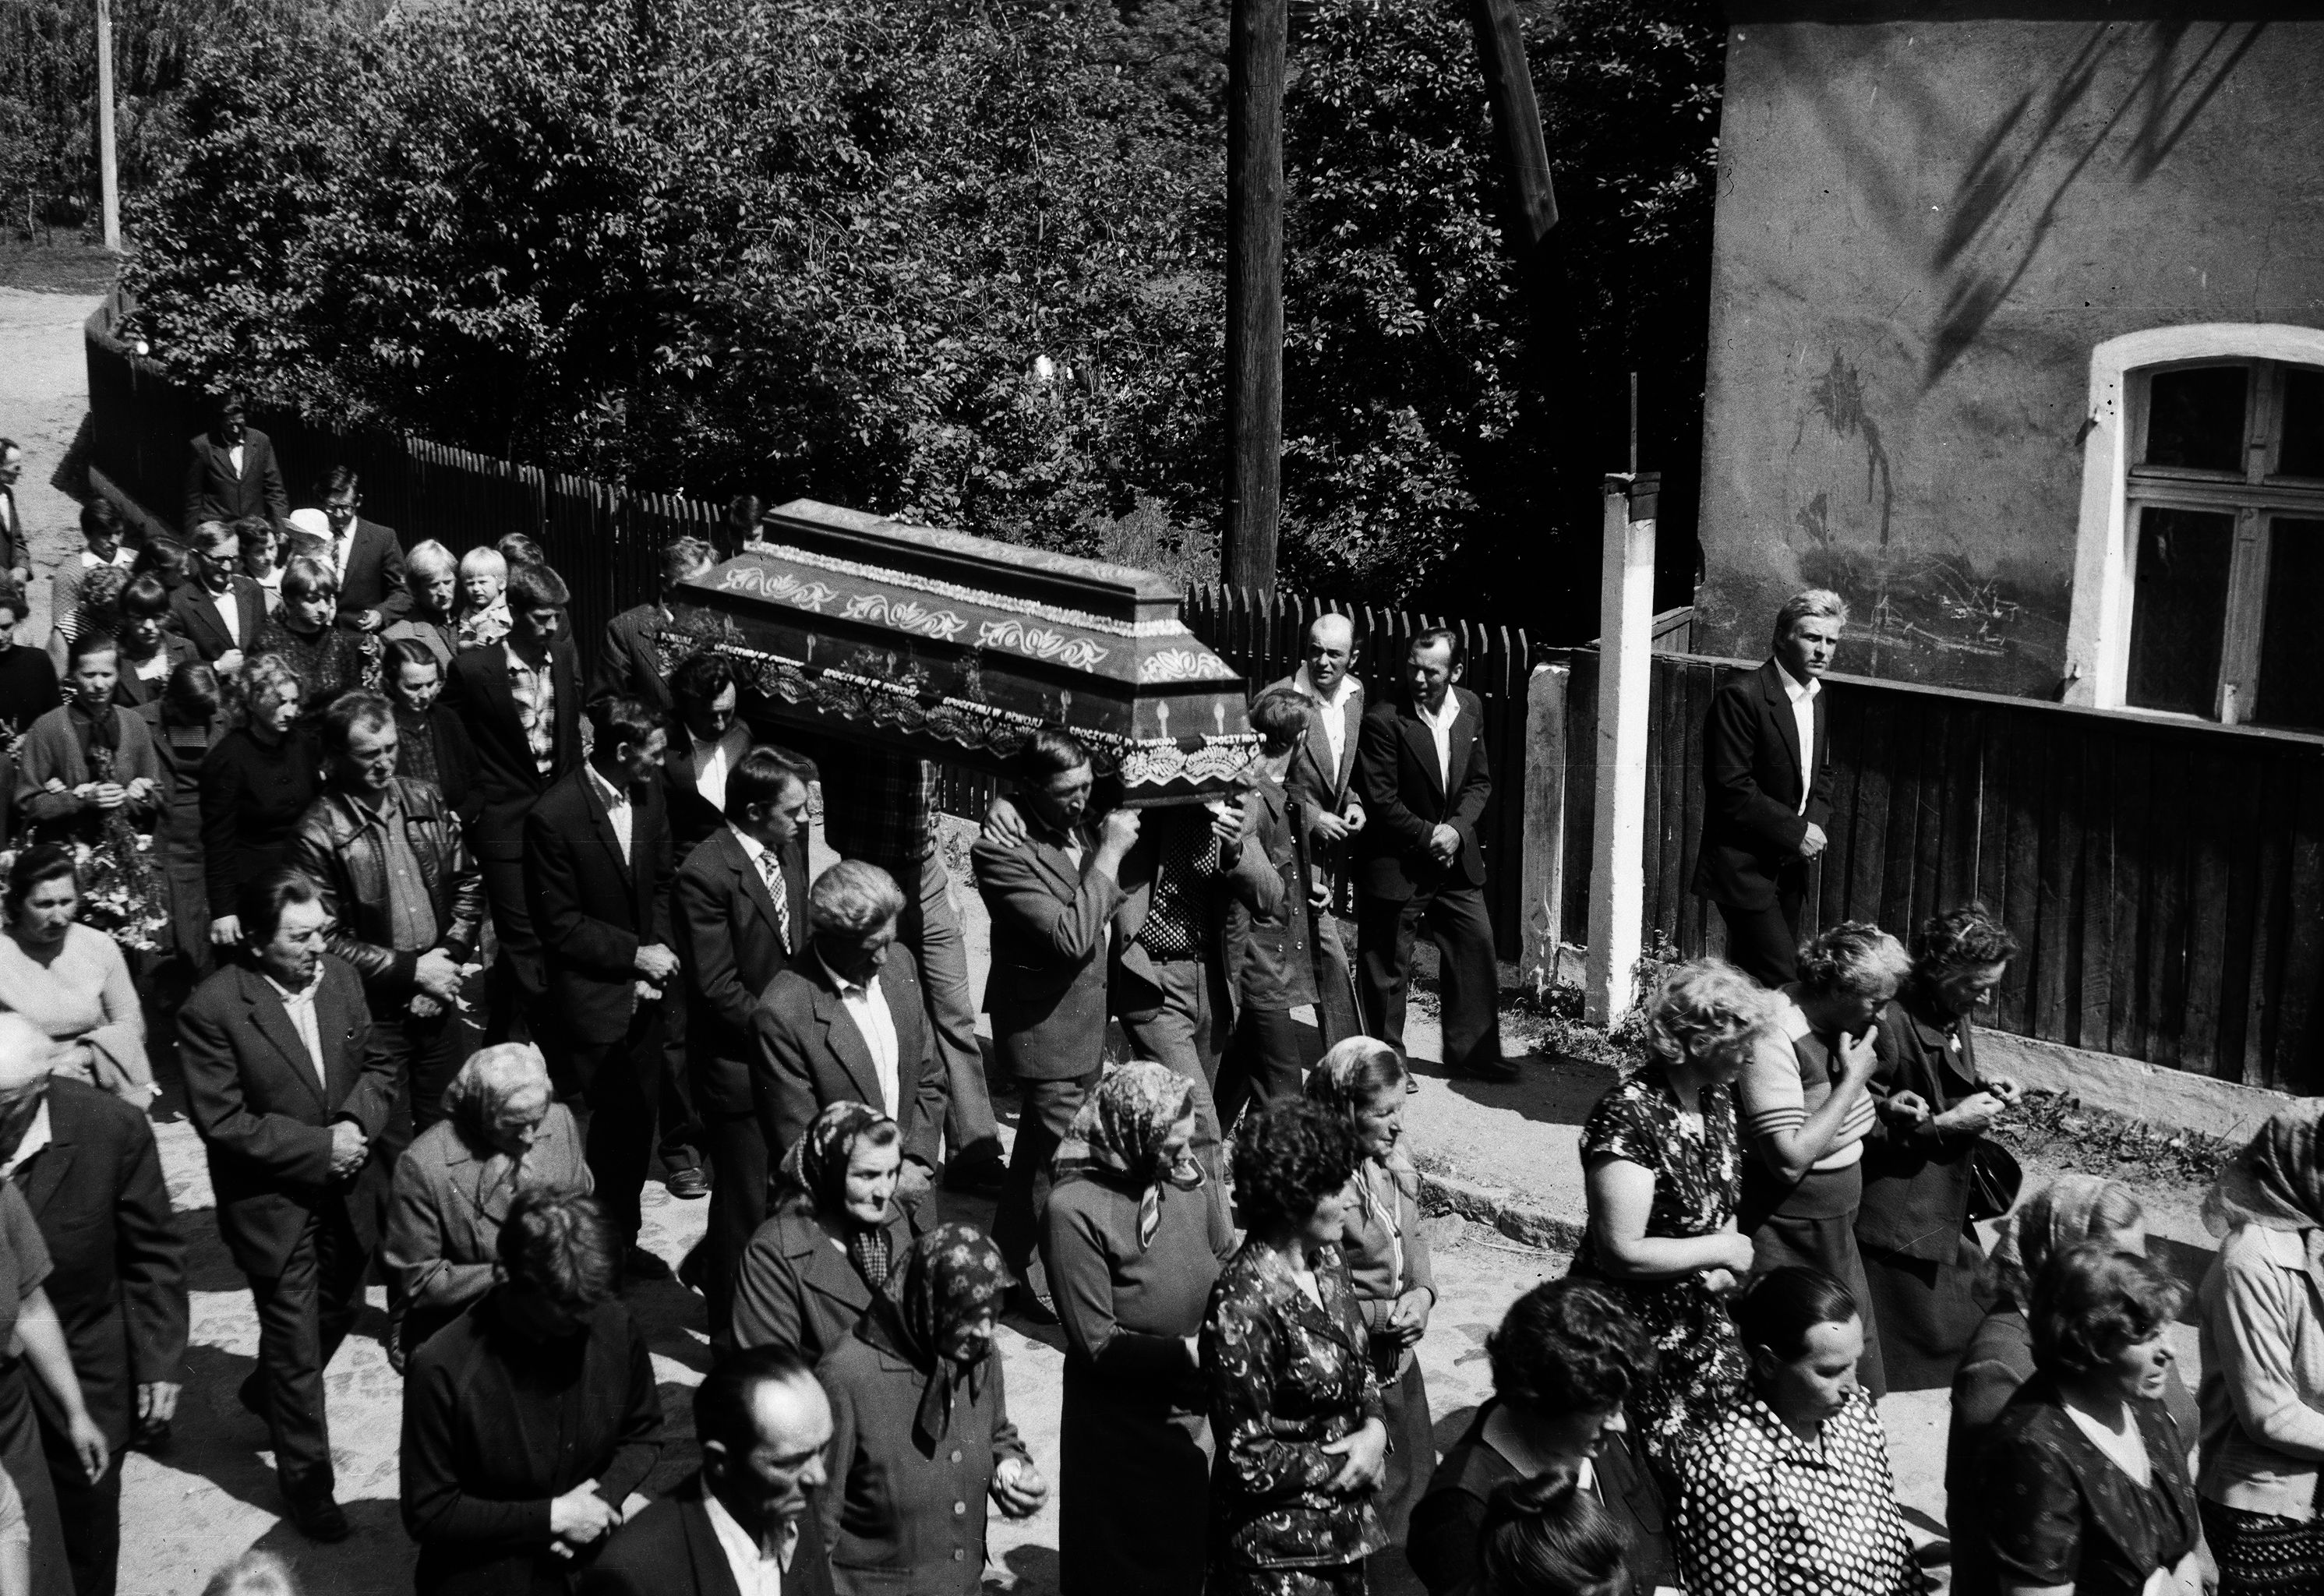 Przemarsz na cmentarz - pogrzeb Antoniego Czyżowicza, Głębowice, Dolny Śląsk, lata 80. XX w.